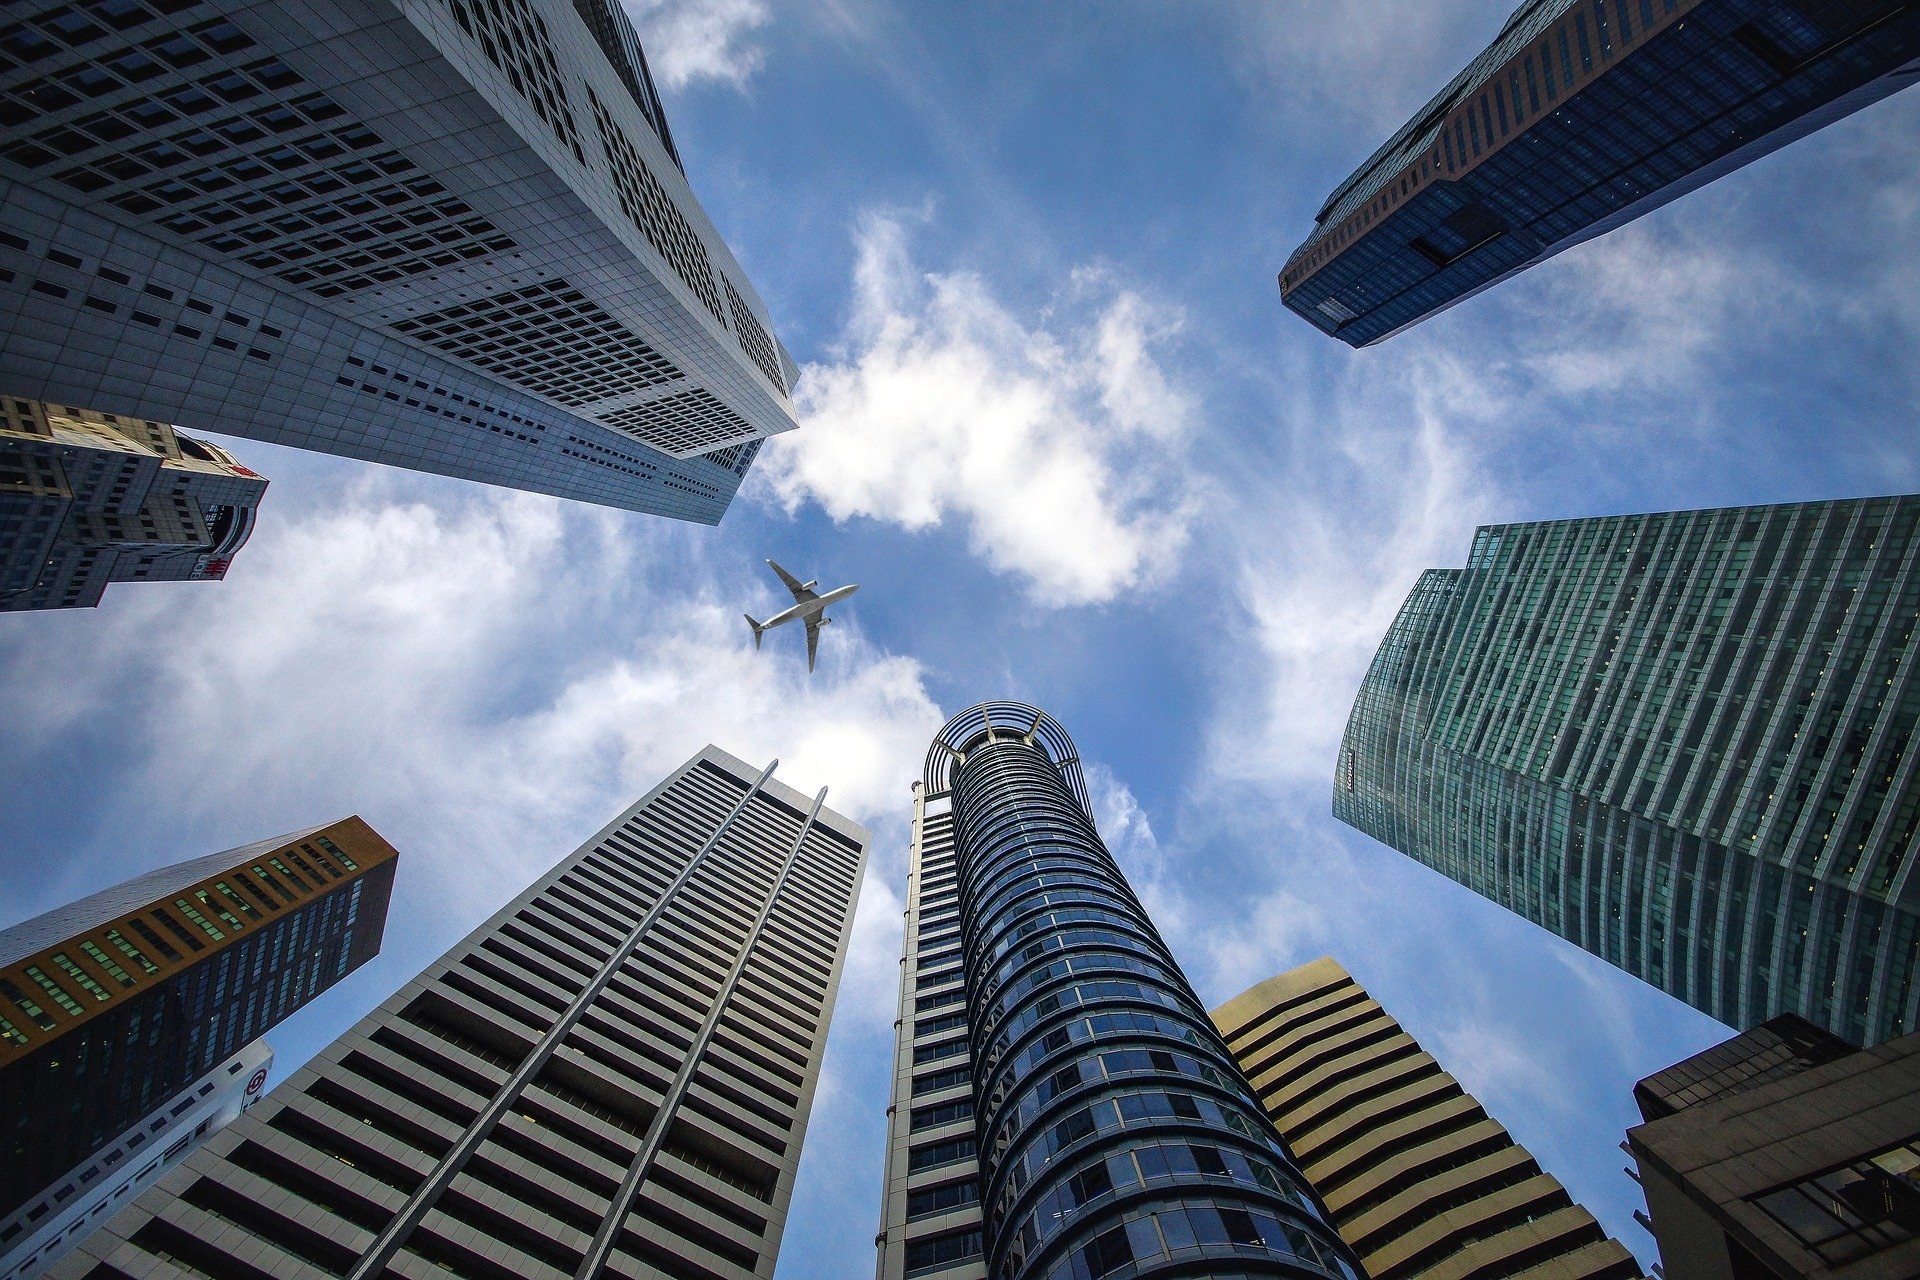 skyscraper-3184798_1920